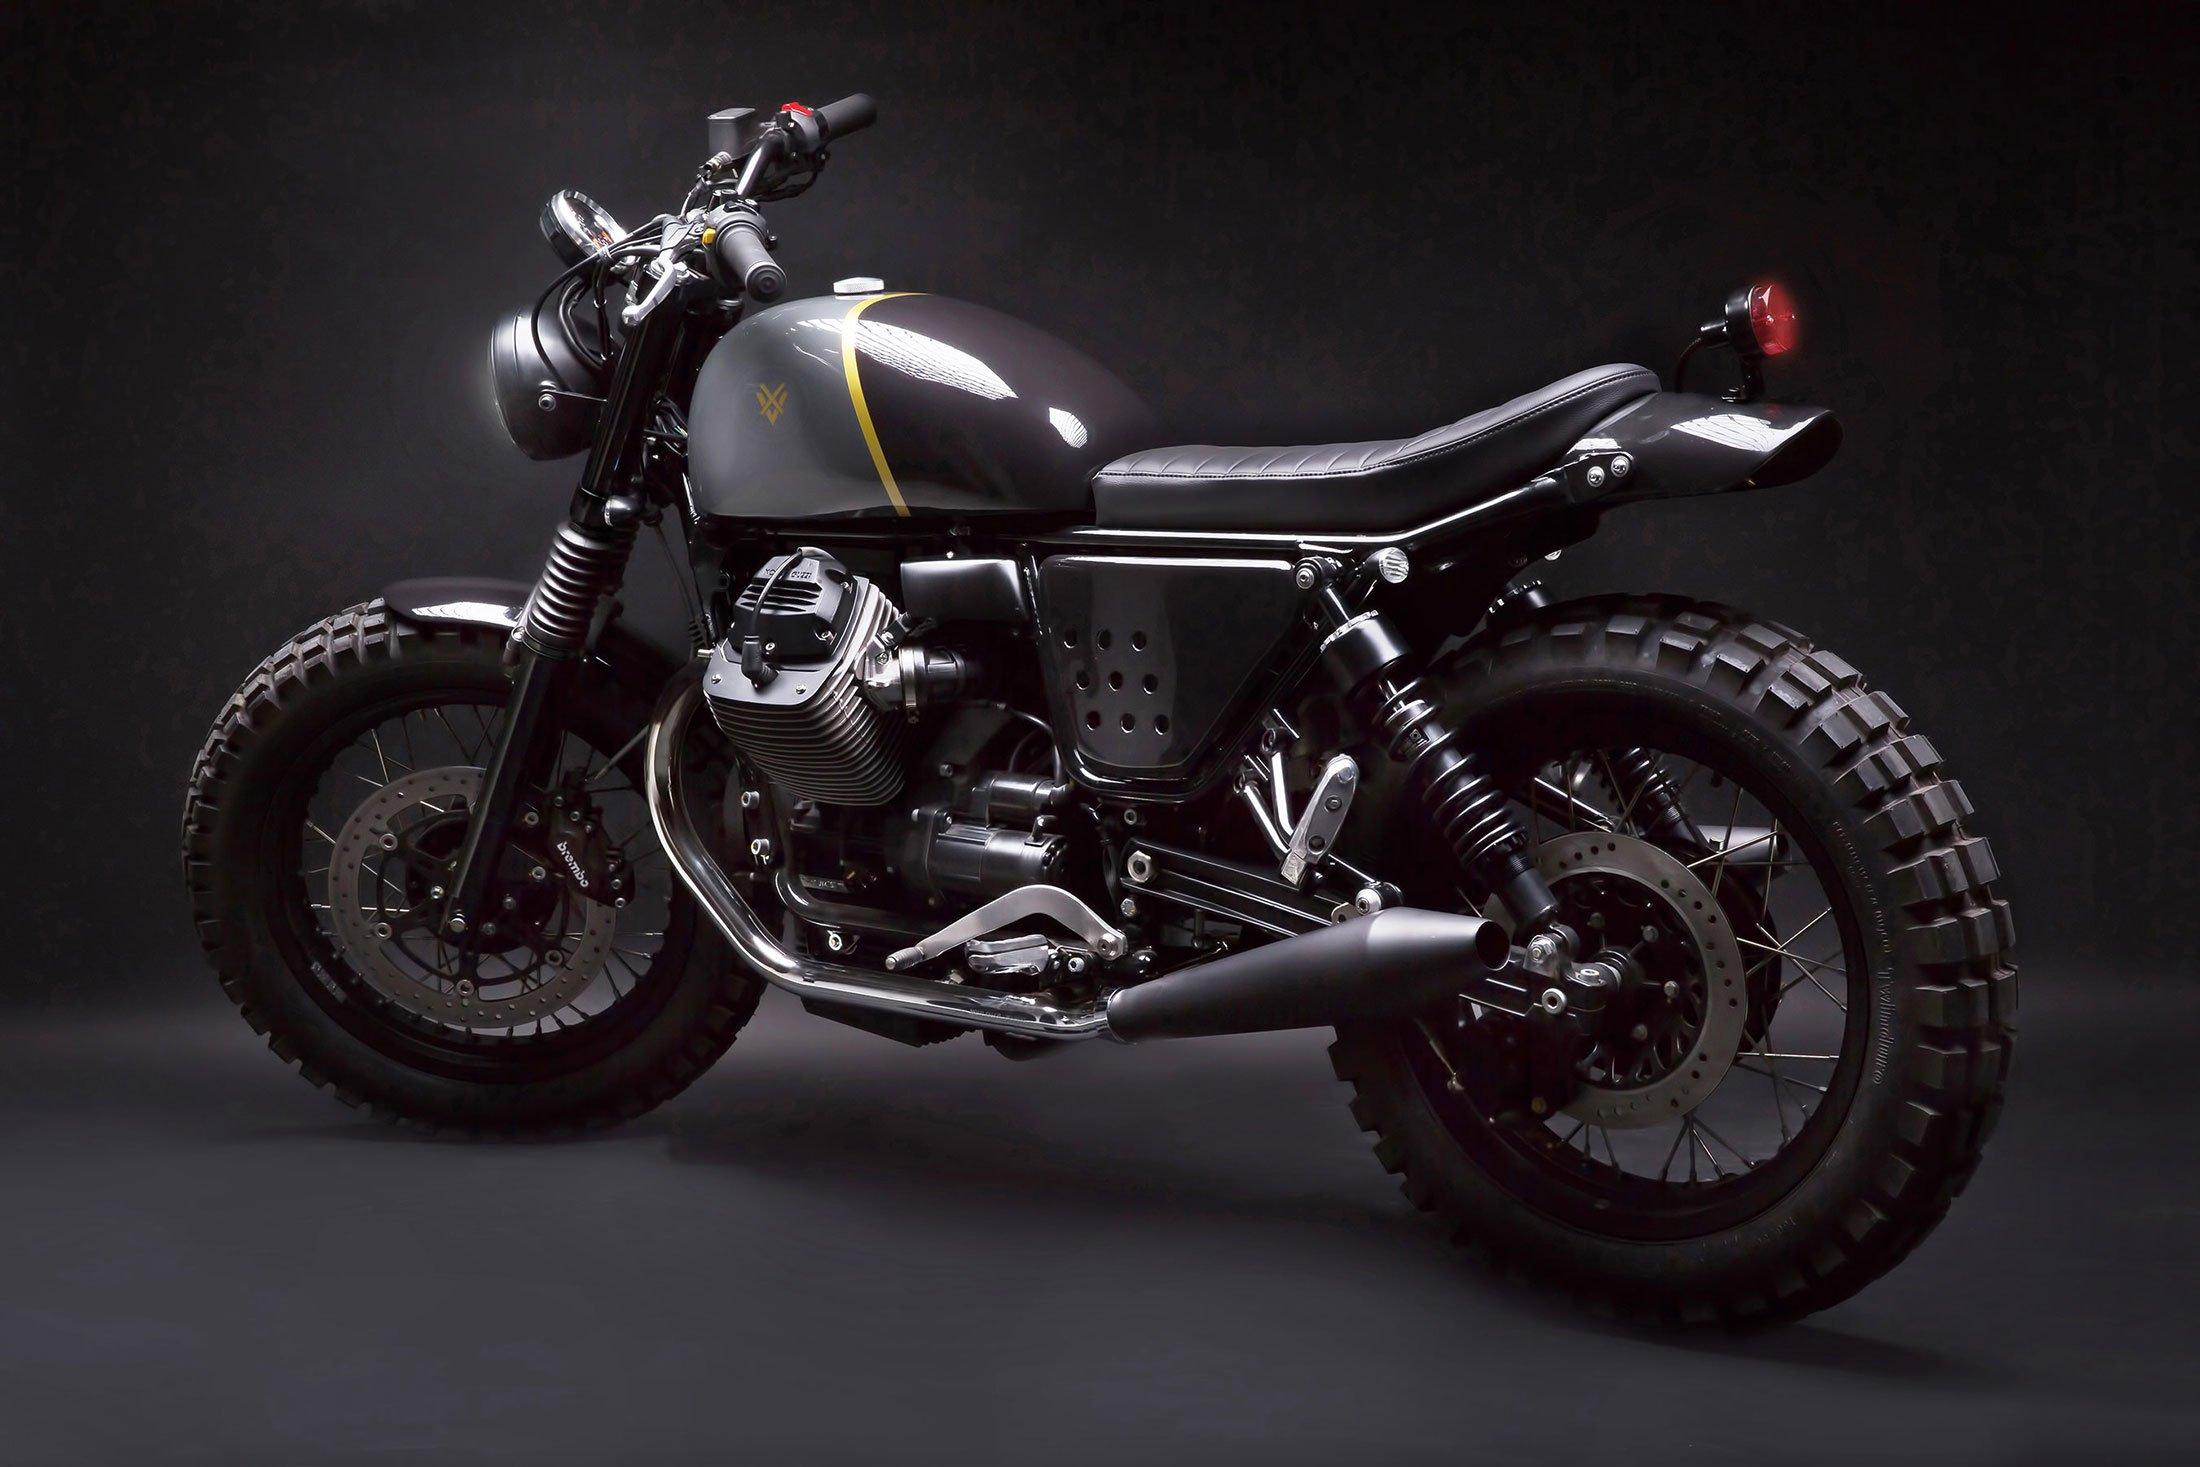 a-moto-guzzi-v7-redesigned-as-a-scrambler-gessato-1